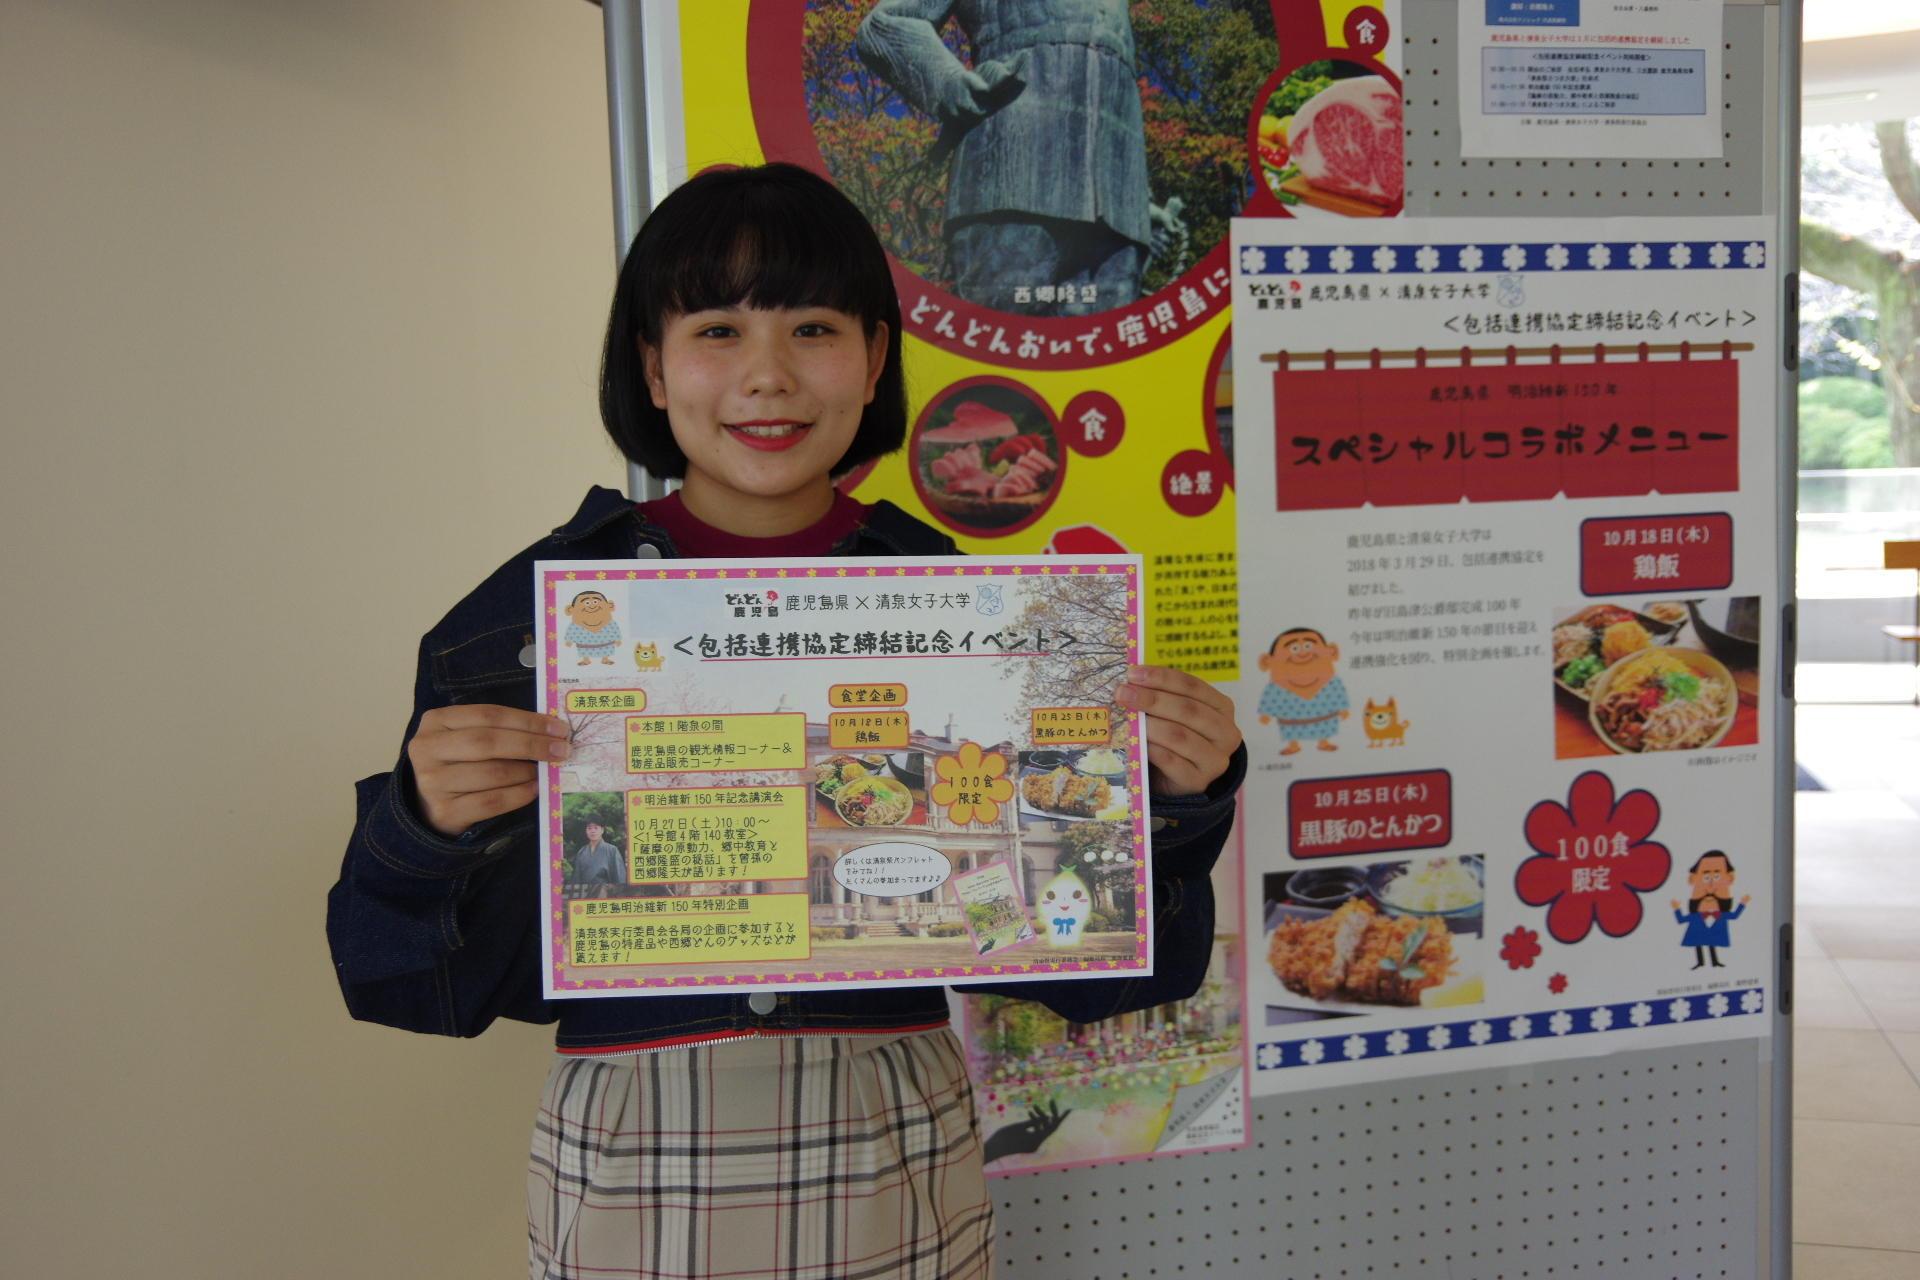 学生食堂で鹿児島食材フェアを開催 10月25日も